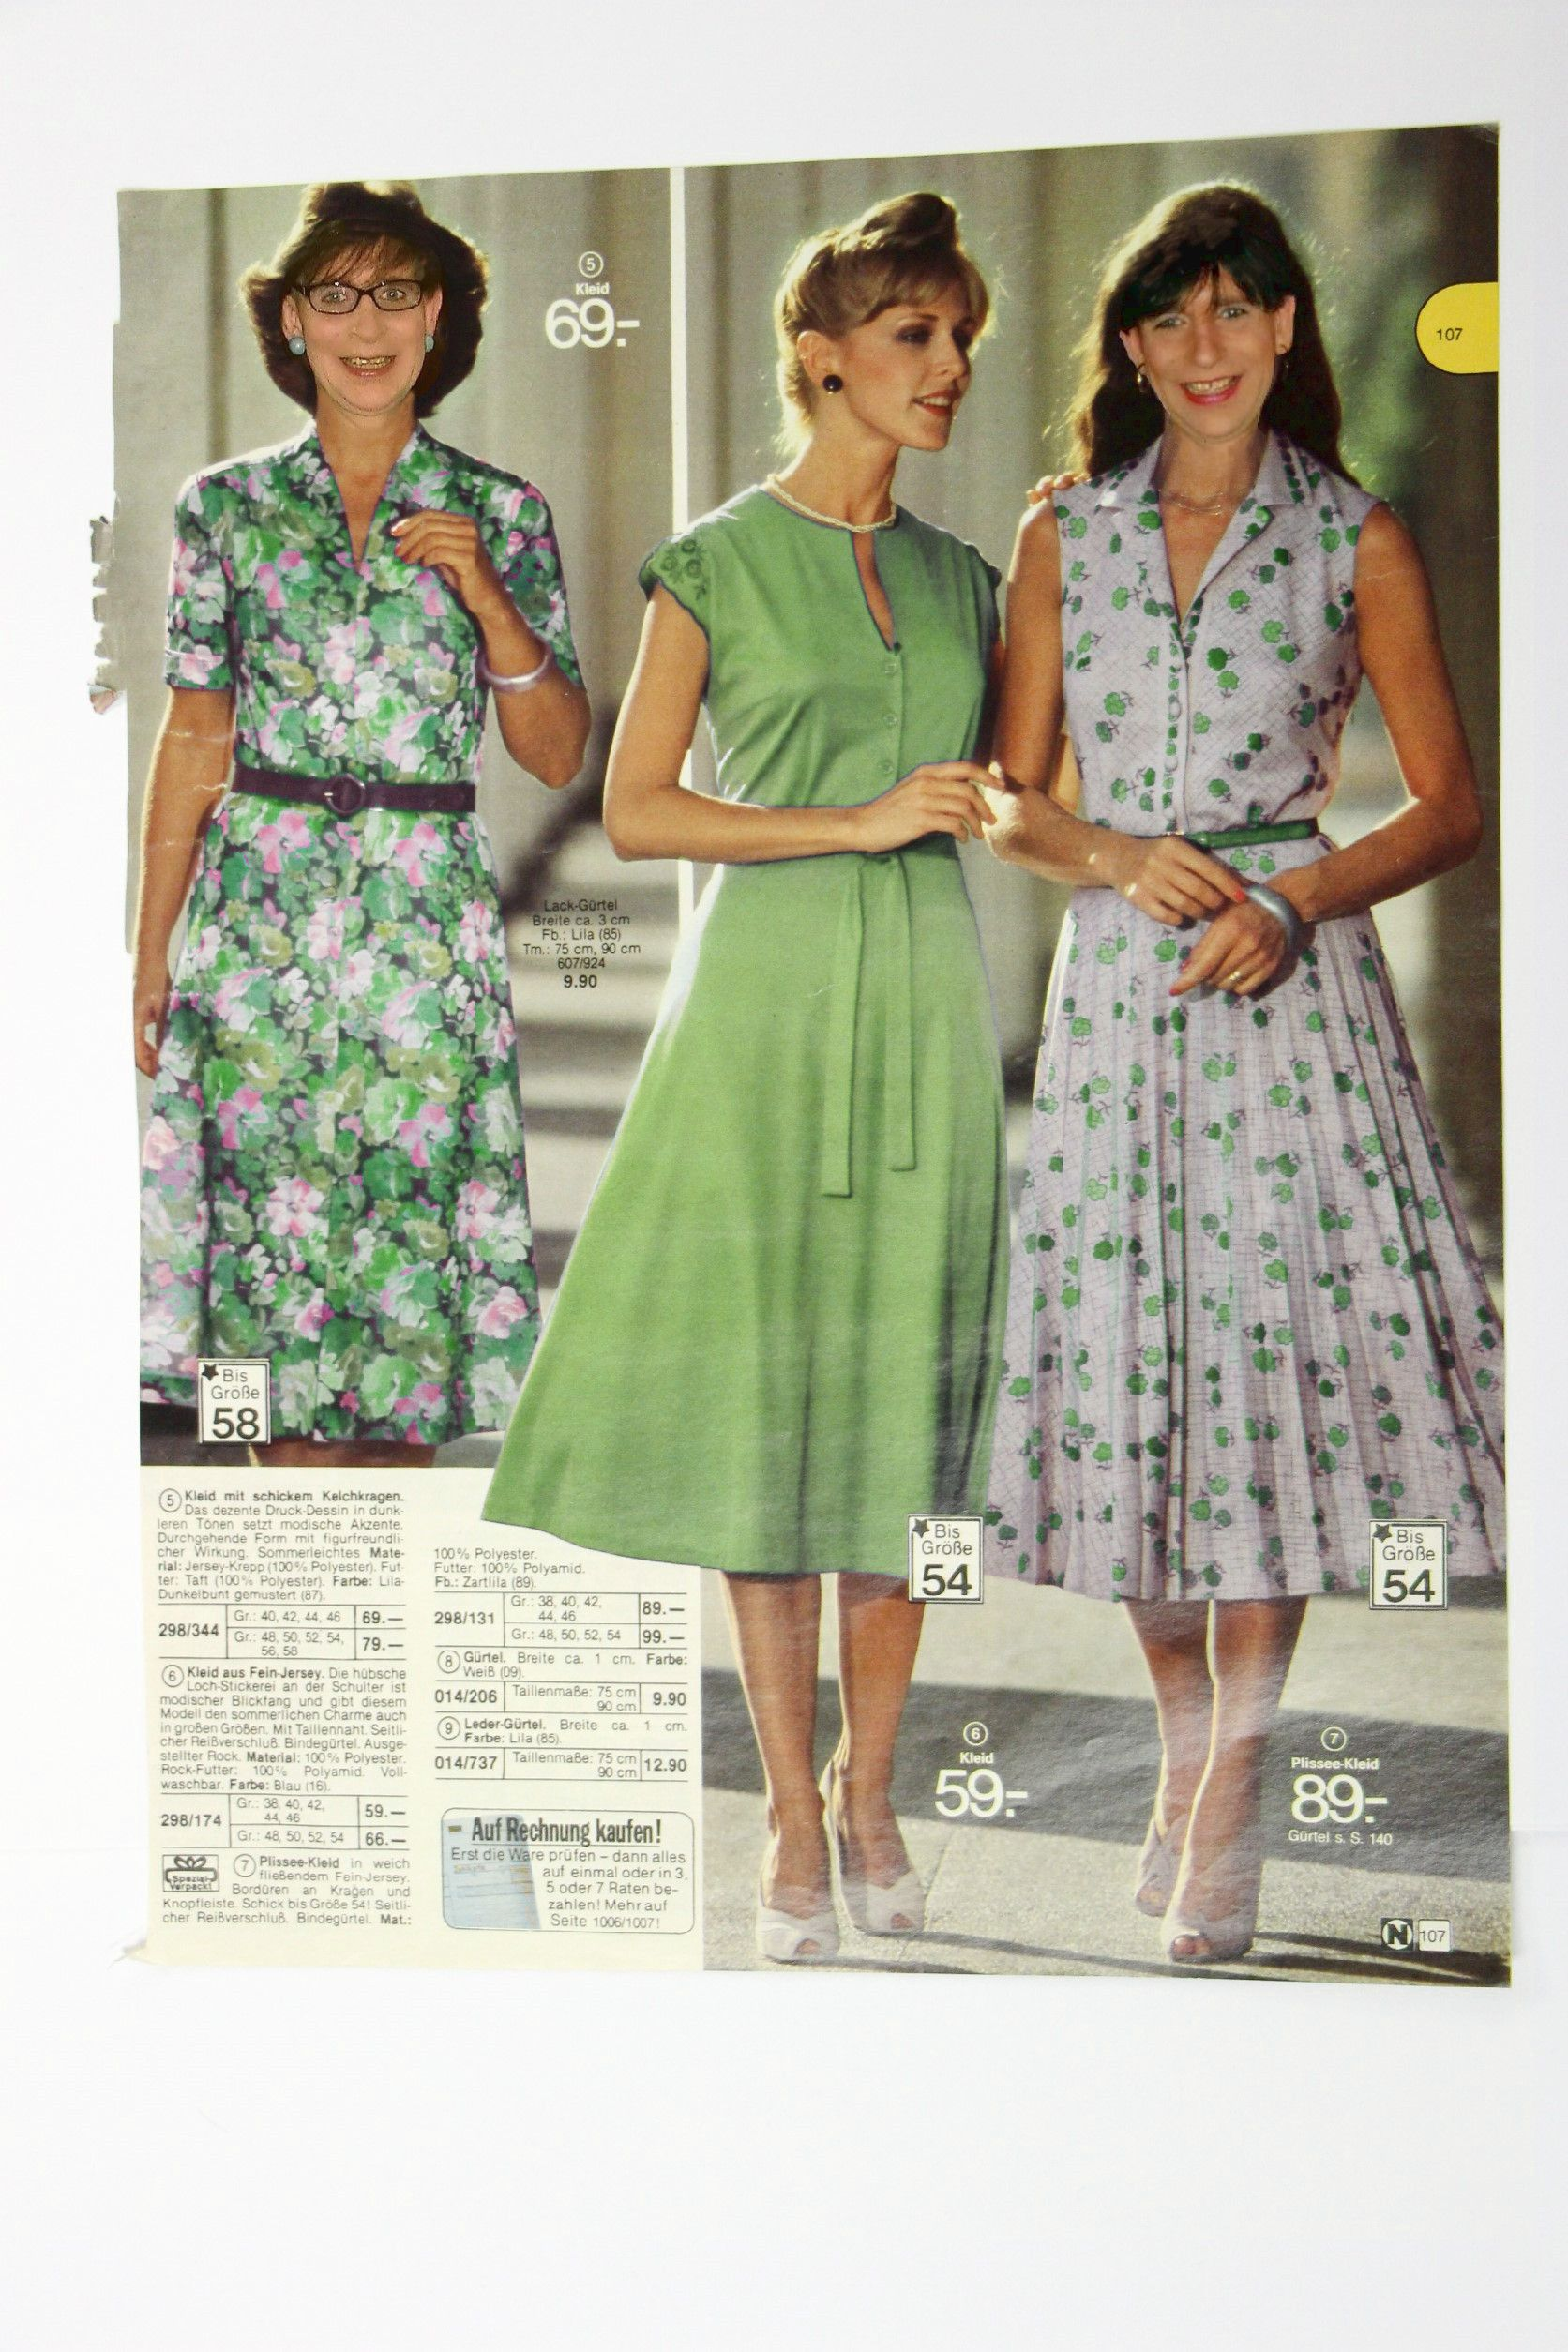 Kleider Grosse 52 Das Perfekte Kleid Um Den Bauch Zu Kaschieren